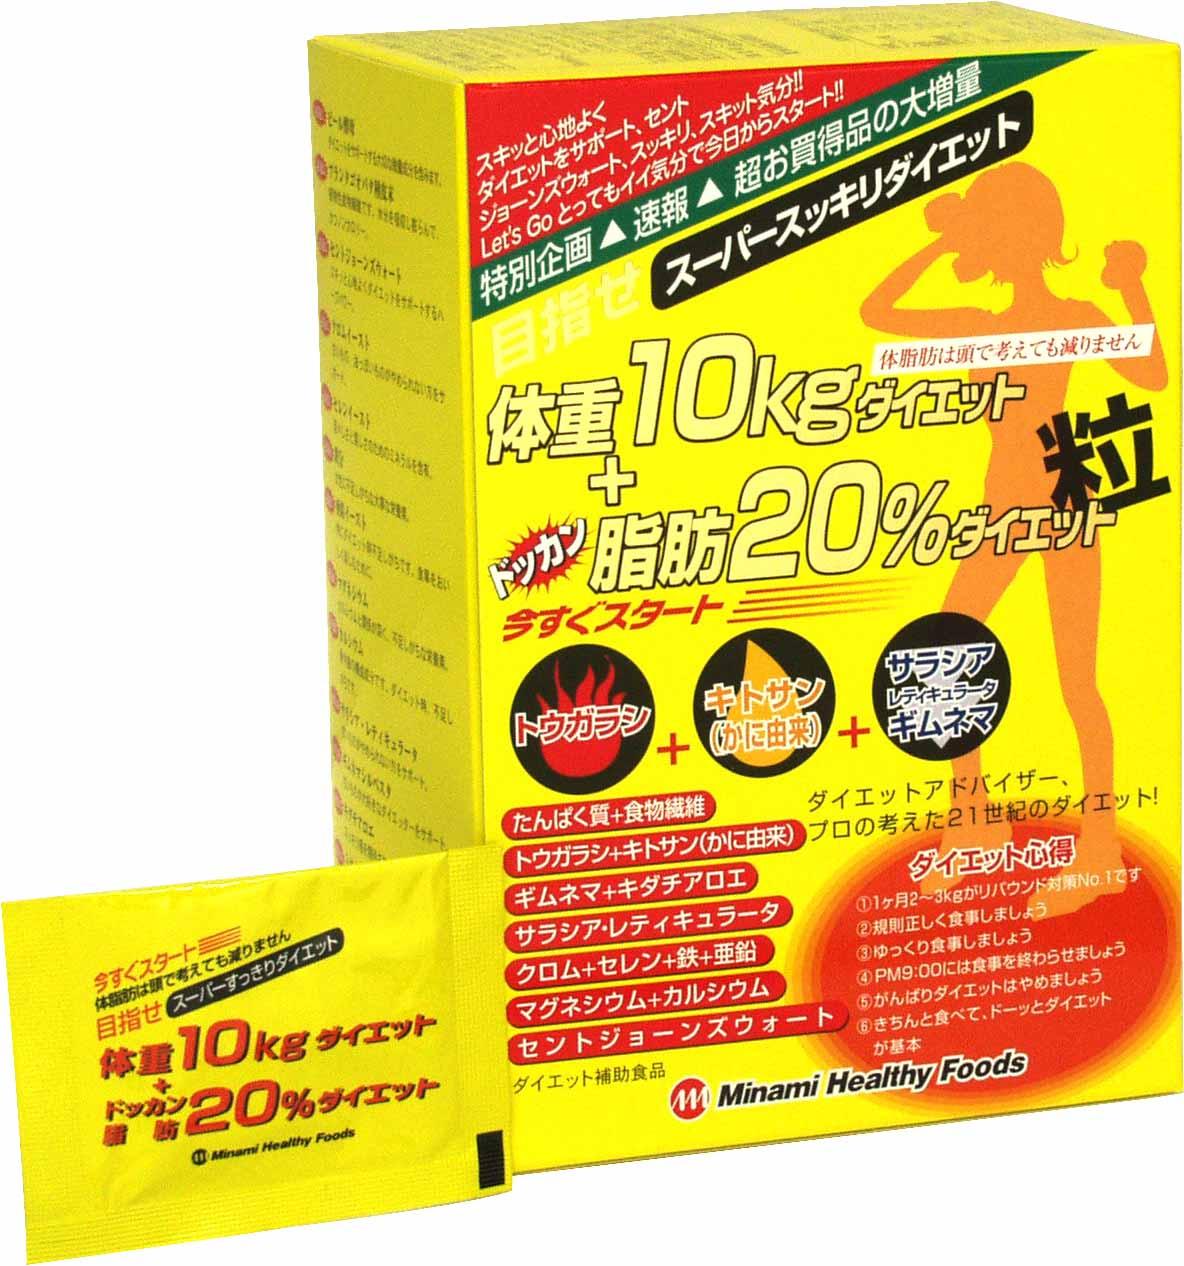 【ミナミヘルシーフーズ 目指せ体重 10kg+ドッカン脂肪20% ダイエット粒